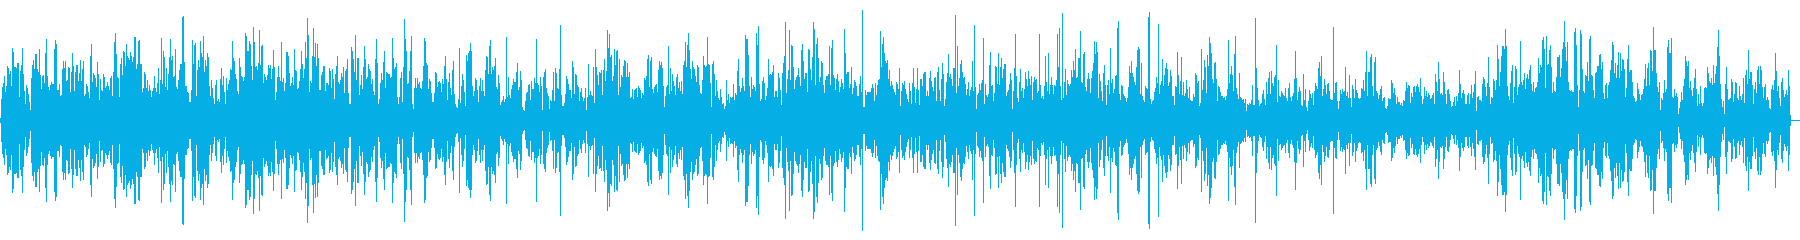 グツグツと煮る料理の音の再生済みの波形